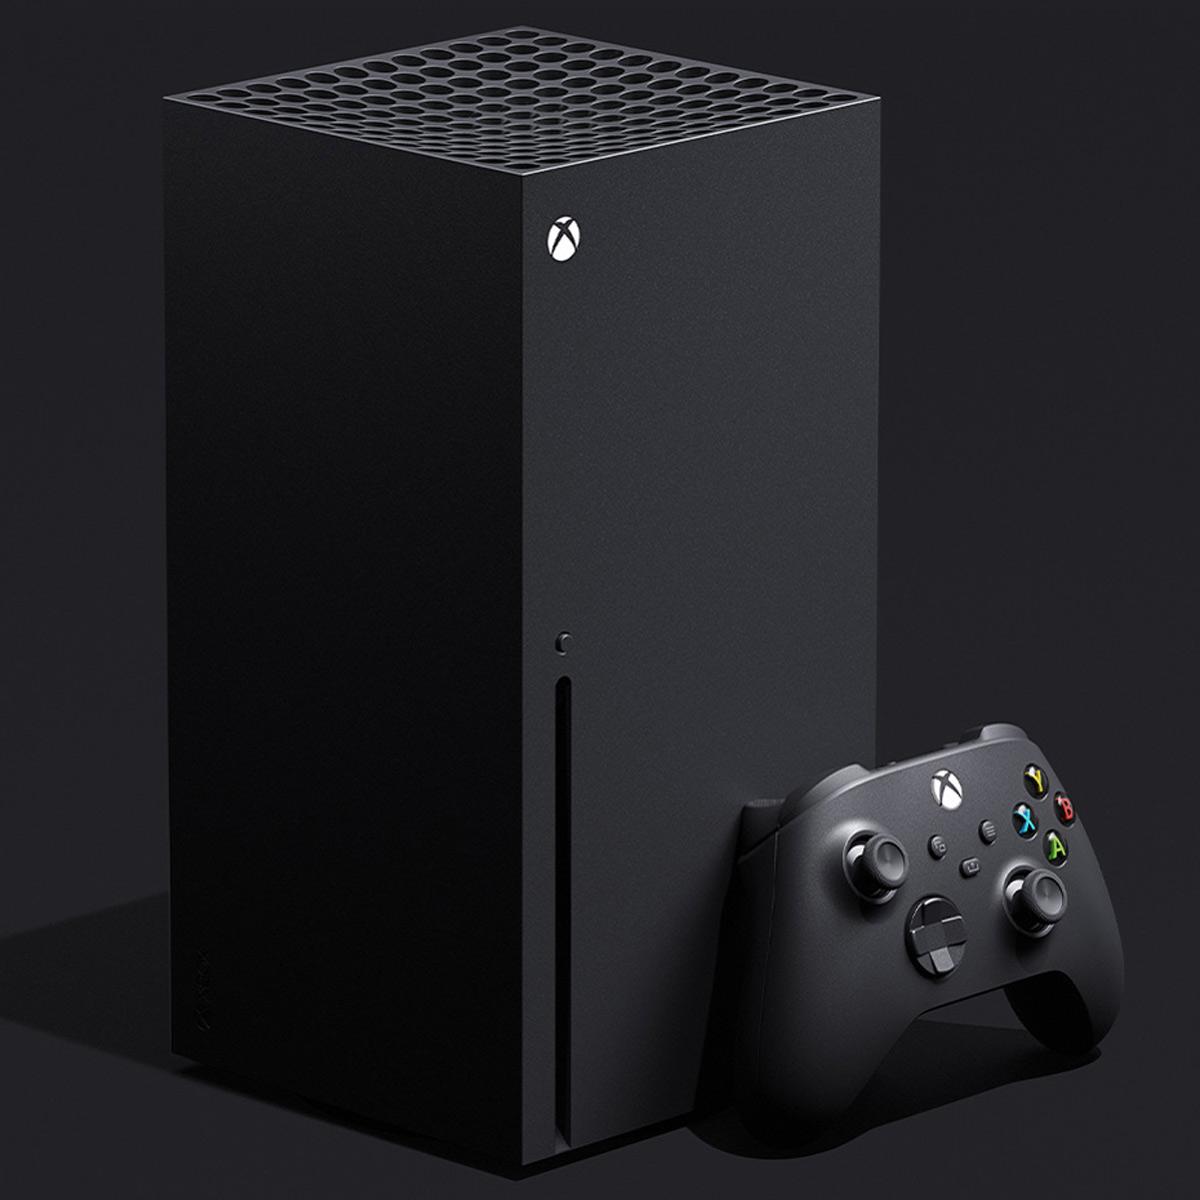 マイクロソフトが次世代ゲーム機「Xbox Series X」で発売する13タイトルを明らかに